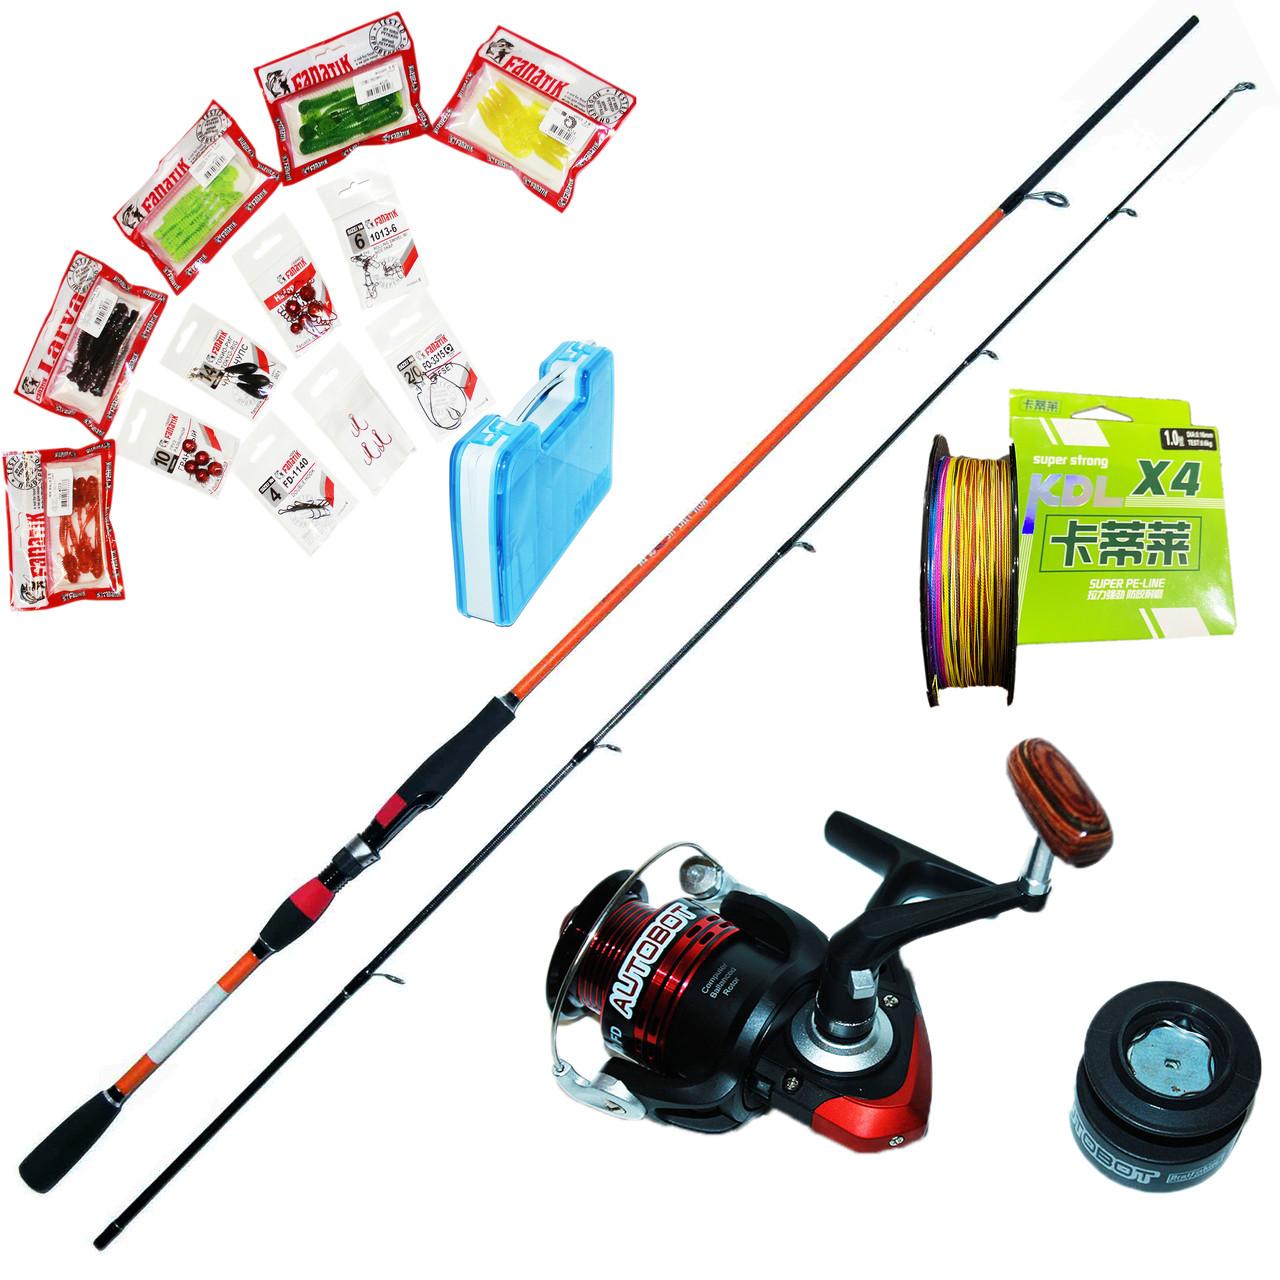 Спиннинг Набор FANATIK для ловли хищной рыбы /щука, судак, окунь/ 1.8 м.